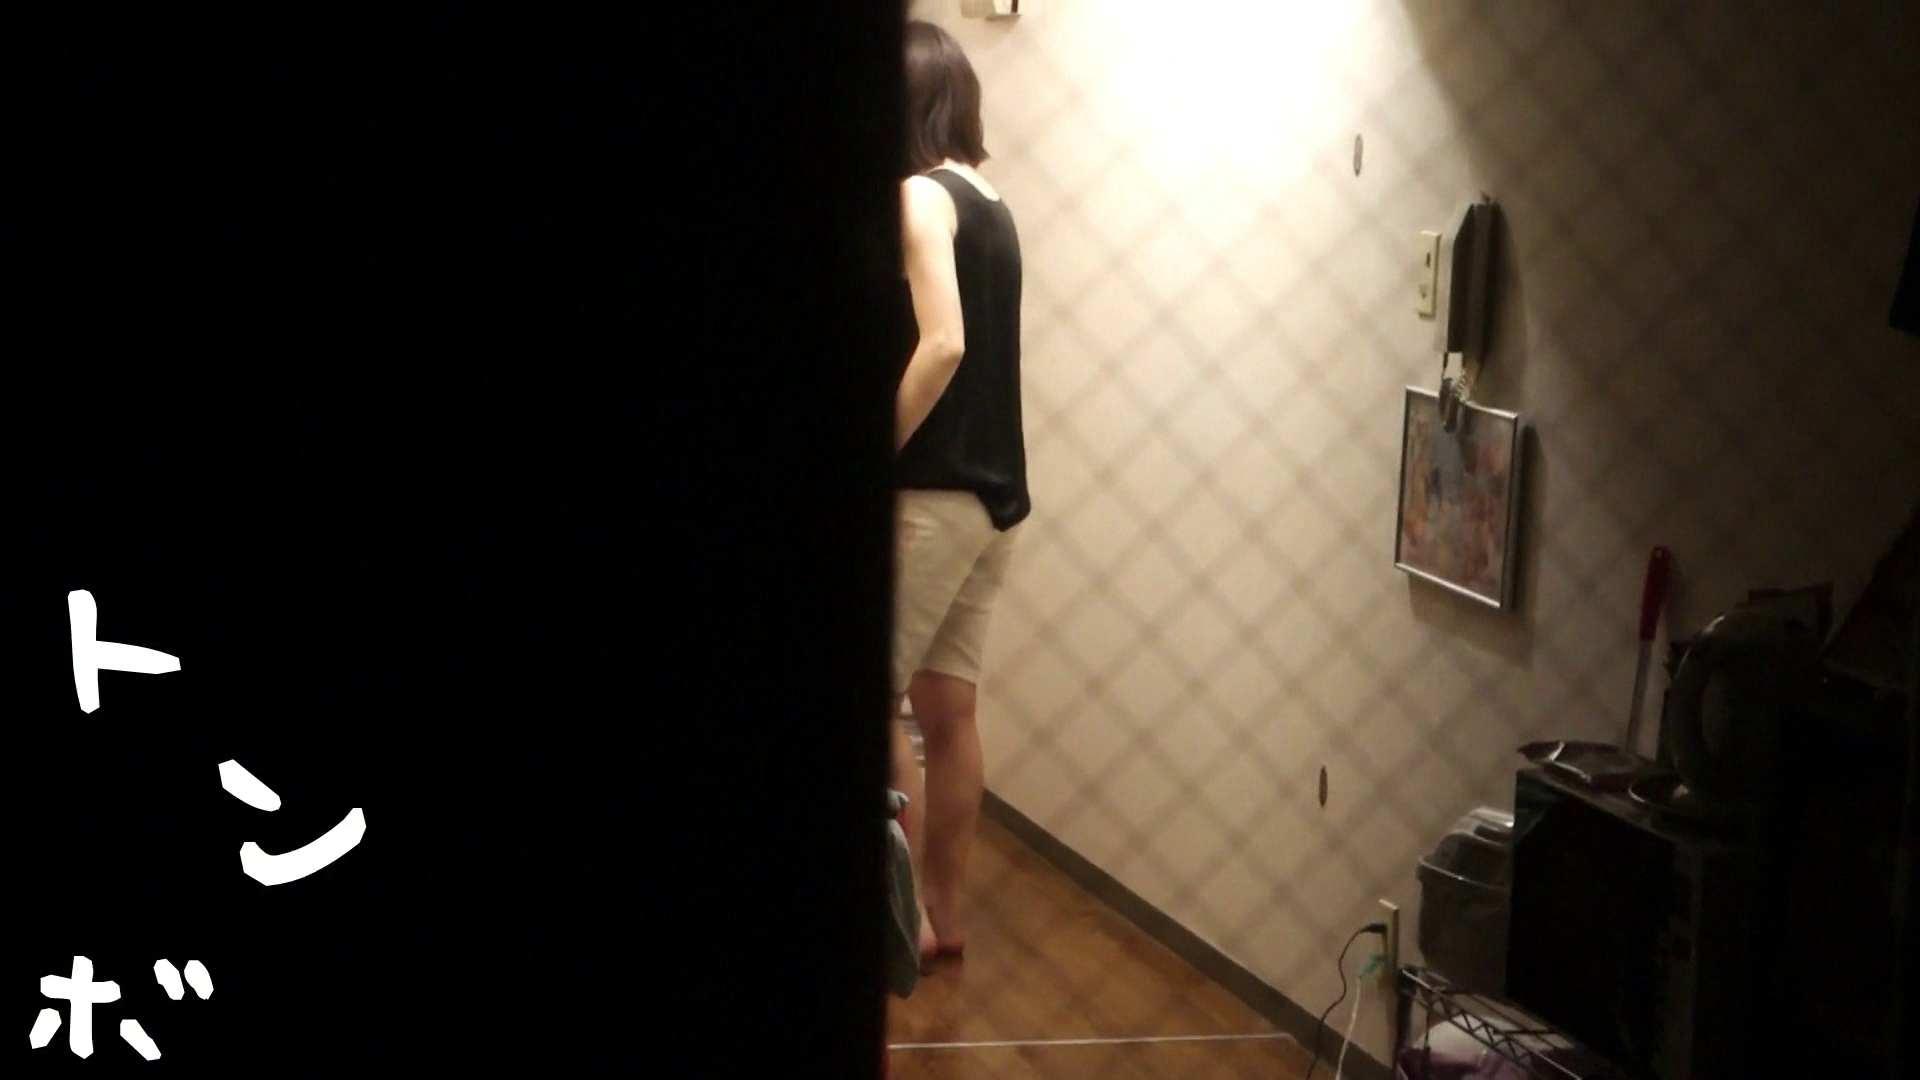 リアル盗撮 S級美女女子大生の私生活② エッチすぎる美女  88連発 25